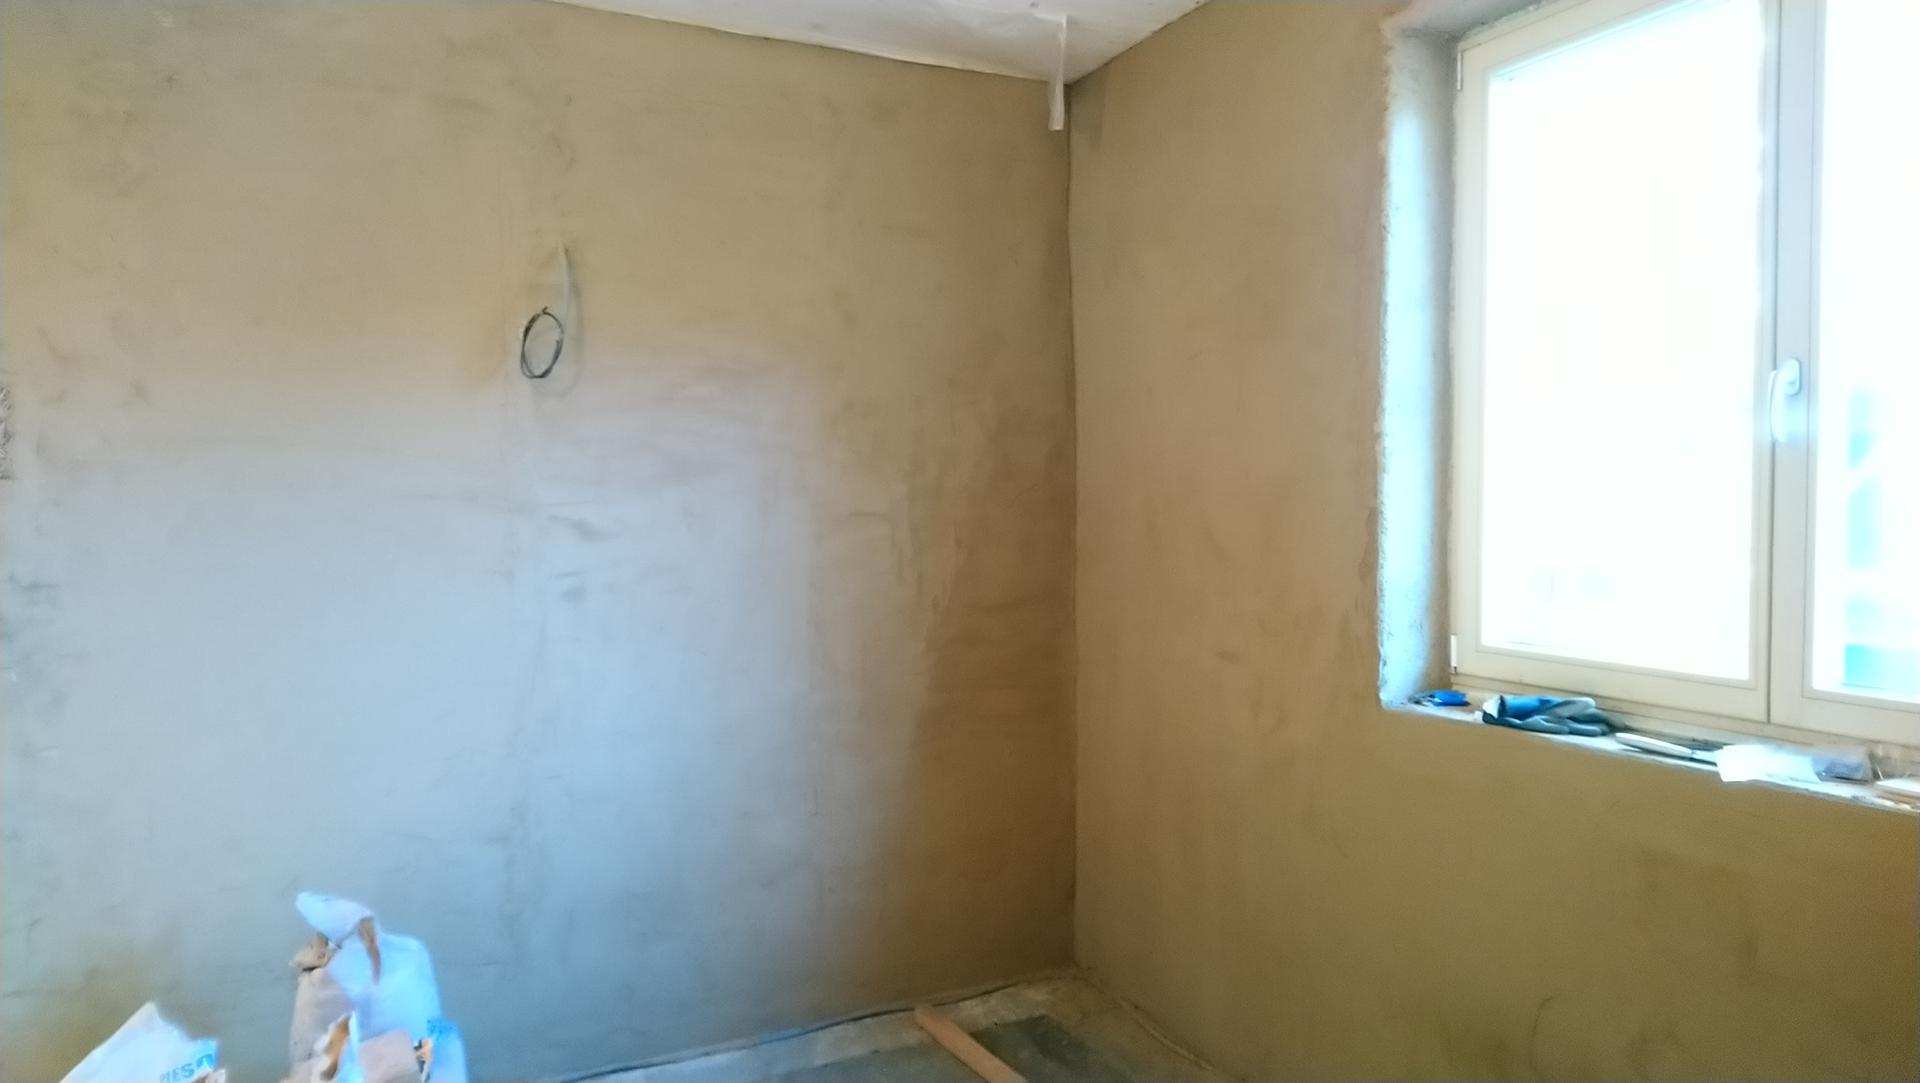 Hlinené omietky - Ta ista stena, 3 vyrovnávacia vrstva. Už je to lepšie